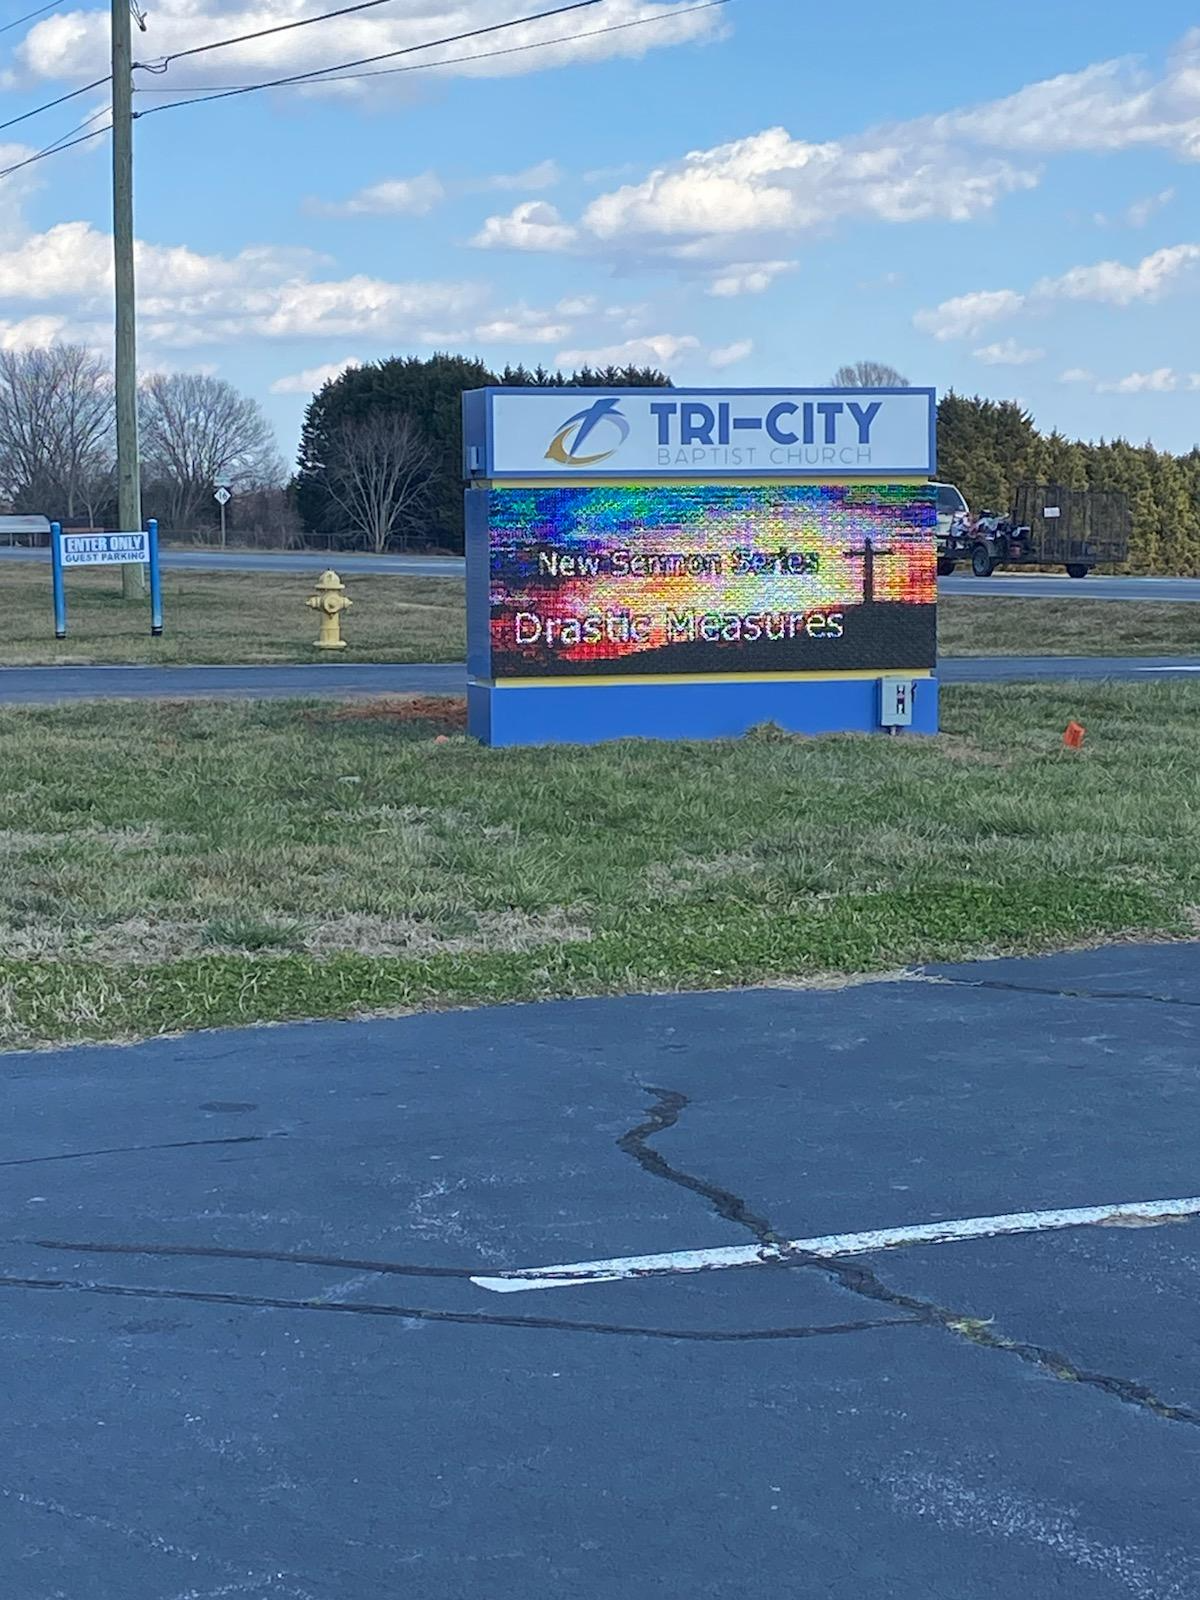 Tri-City BC Conover, NC